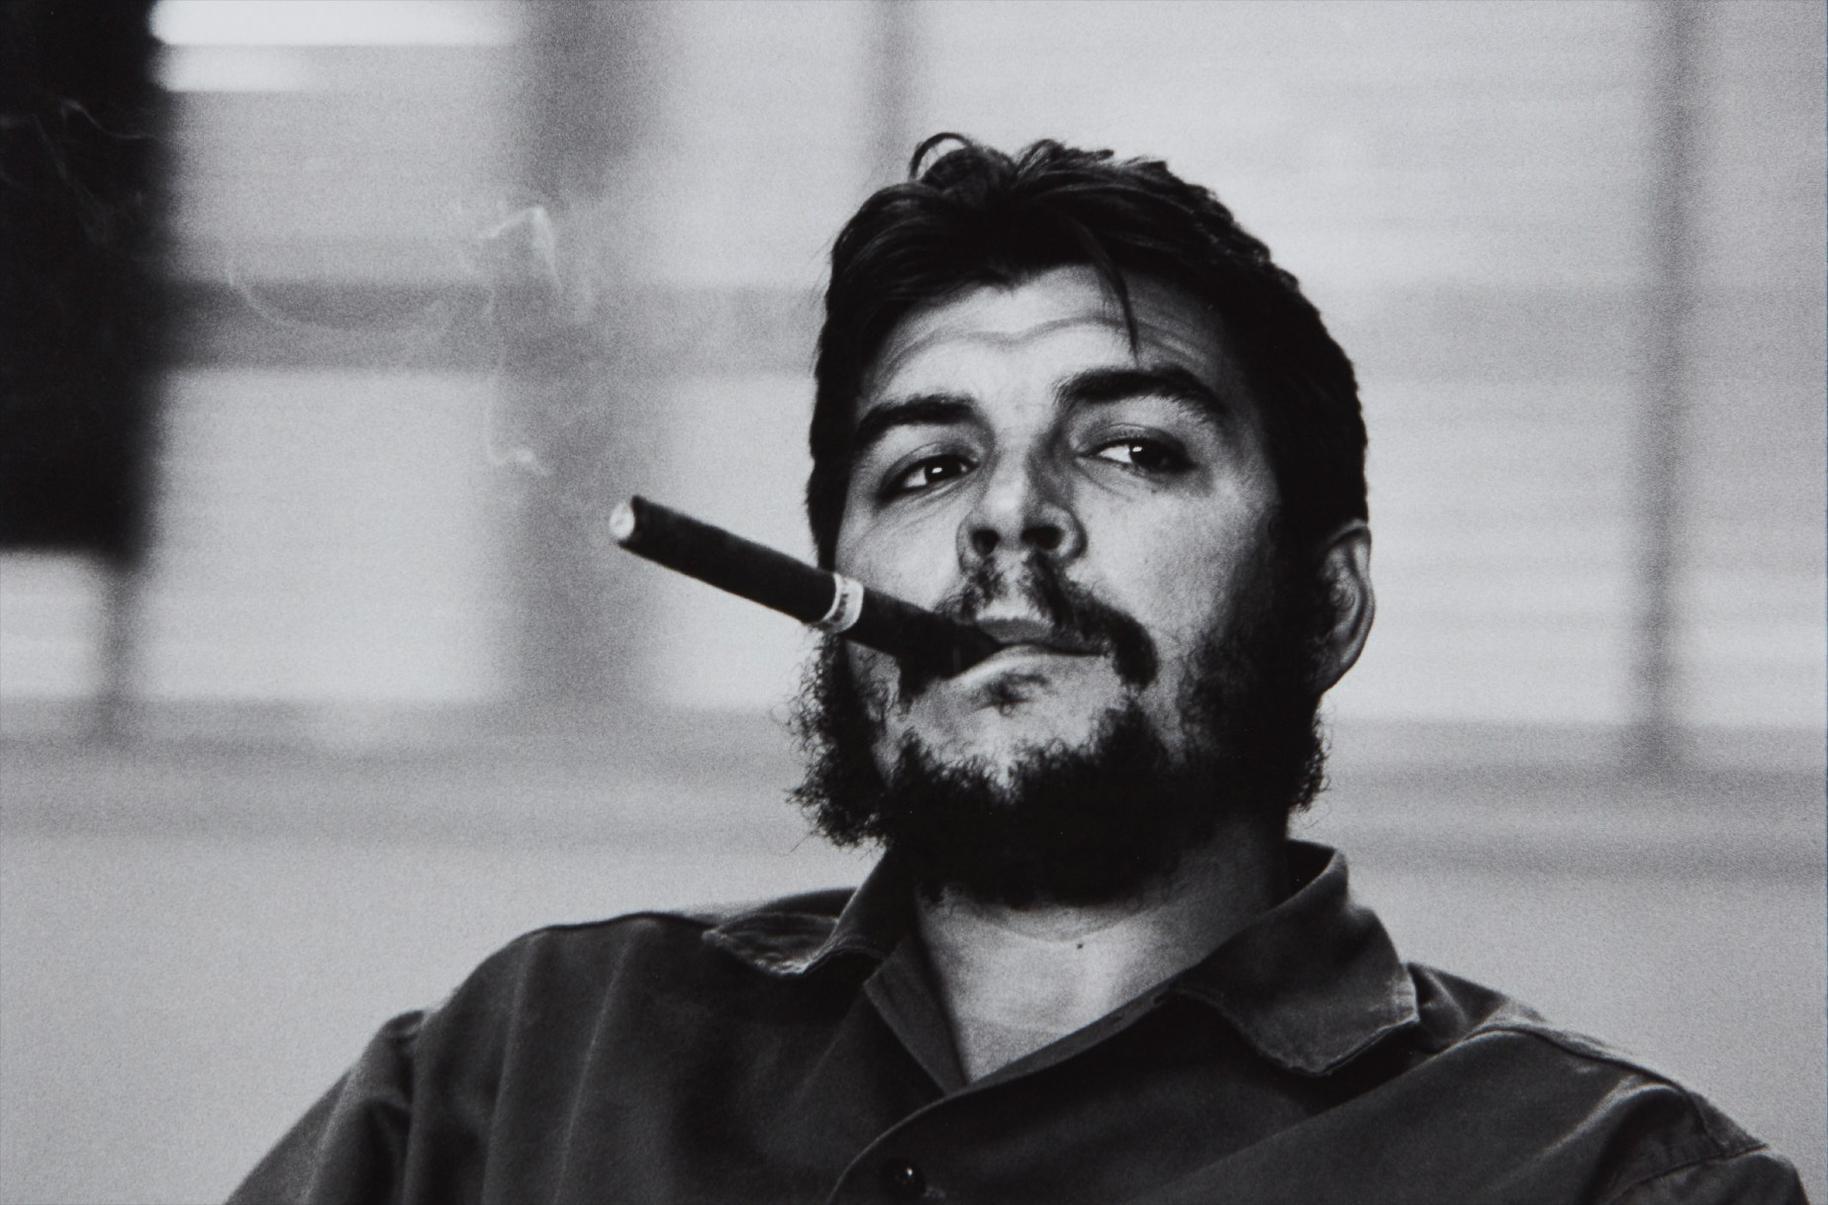 Rene Burri-Ernesto Che Guevara, Havana, Cuba-1963